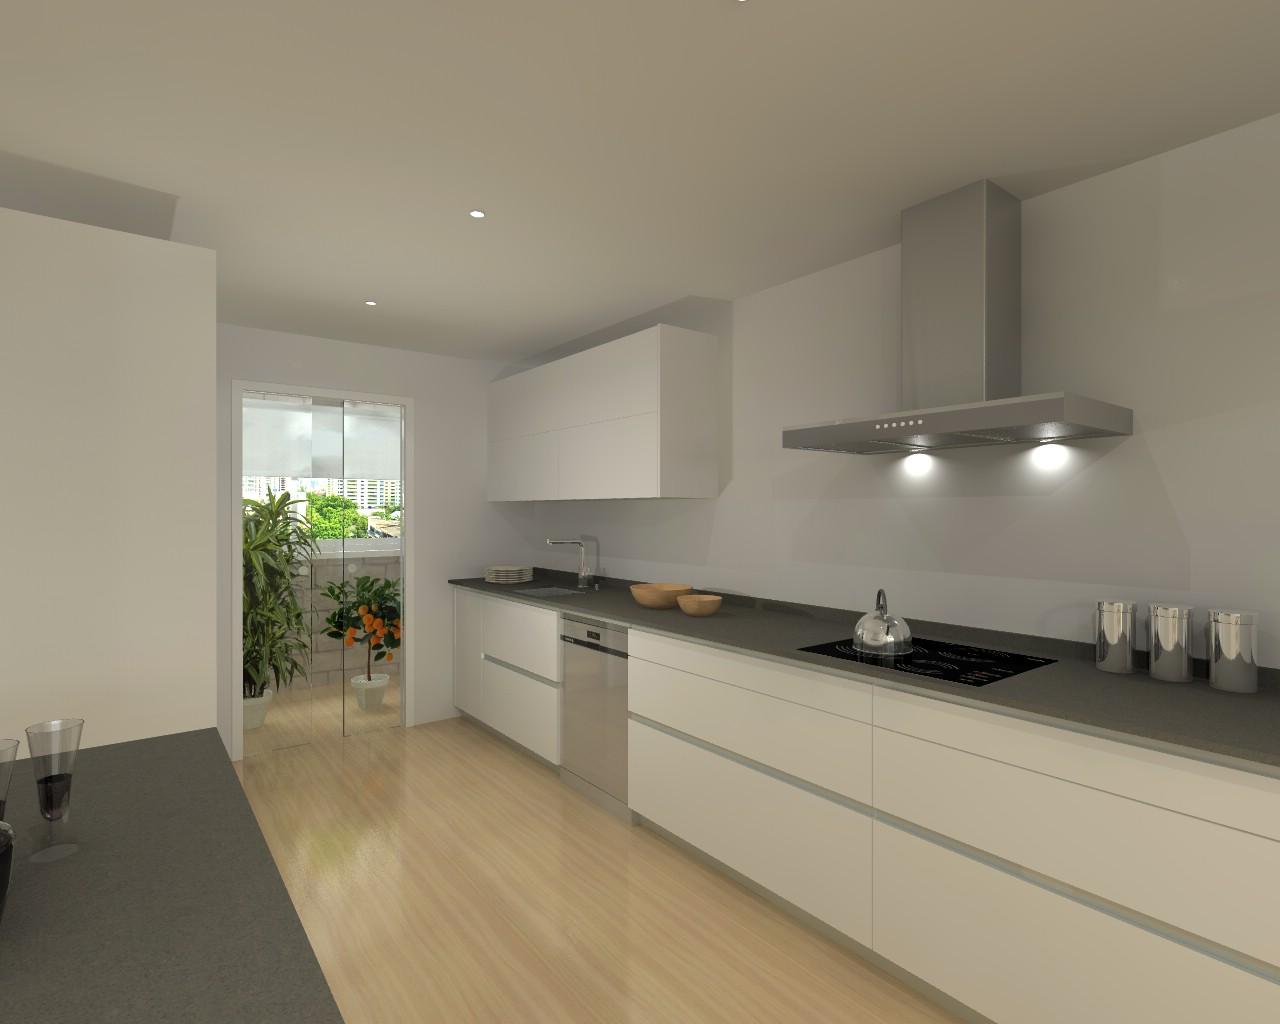 Cocina santos line con encimera silestone estudio cocinas dc for Proyecto cocina